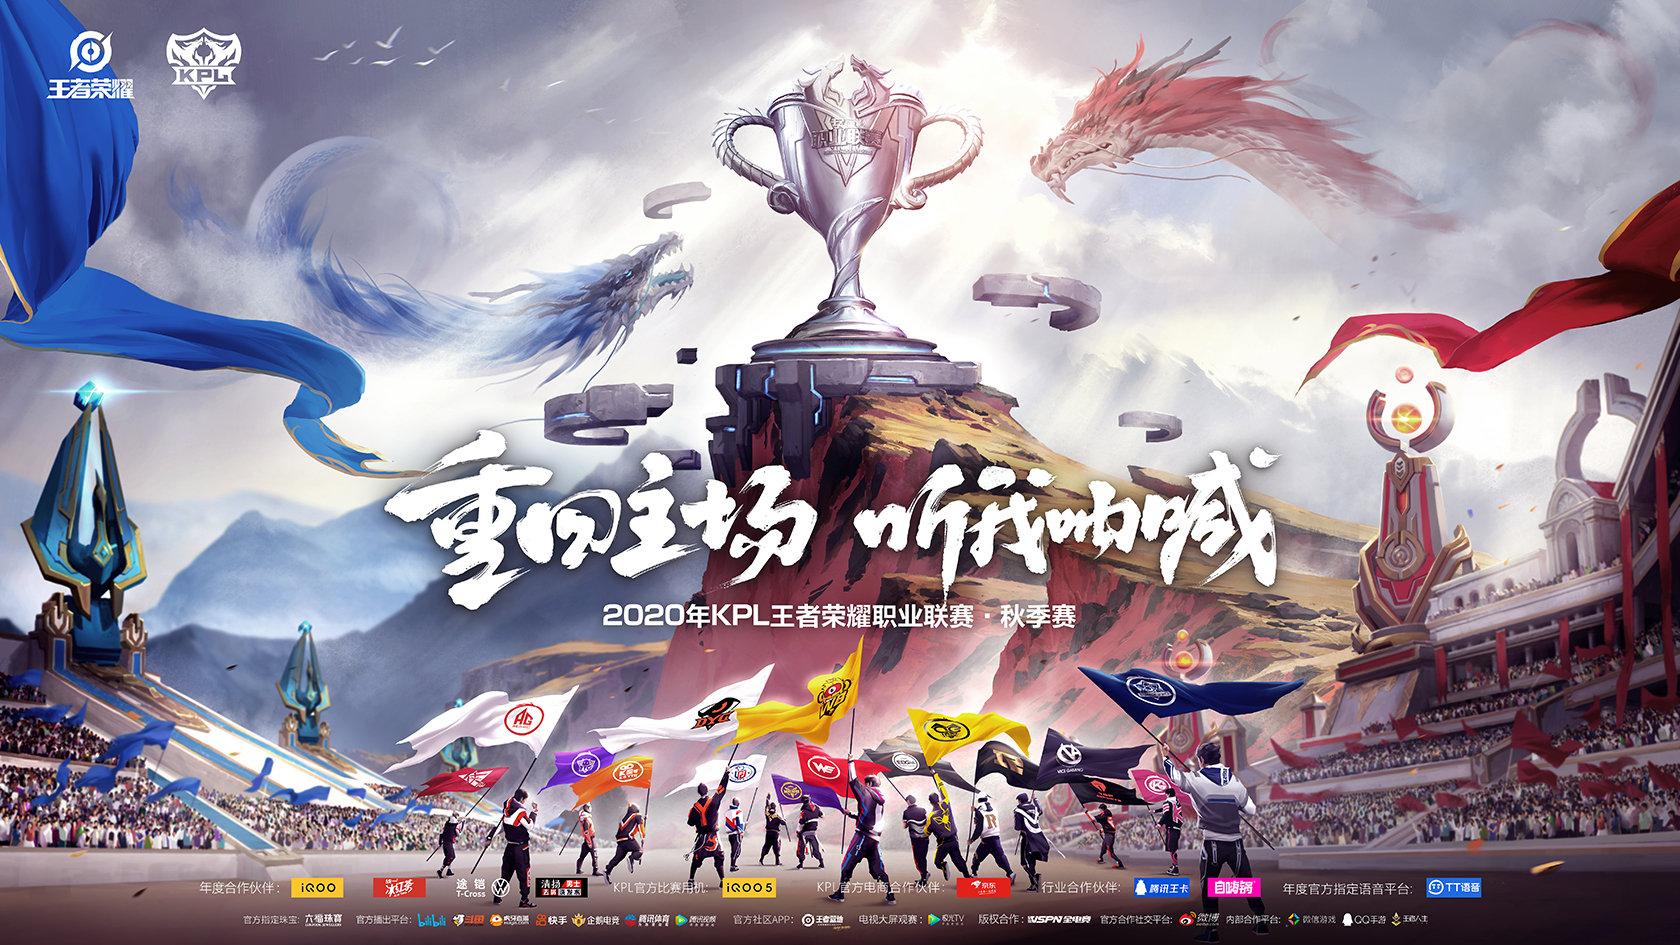 2020kpl秋季赛常规赛9月16日AG超玩会vsWB.TS第三场比赛视频回放?